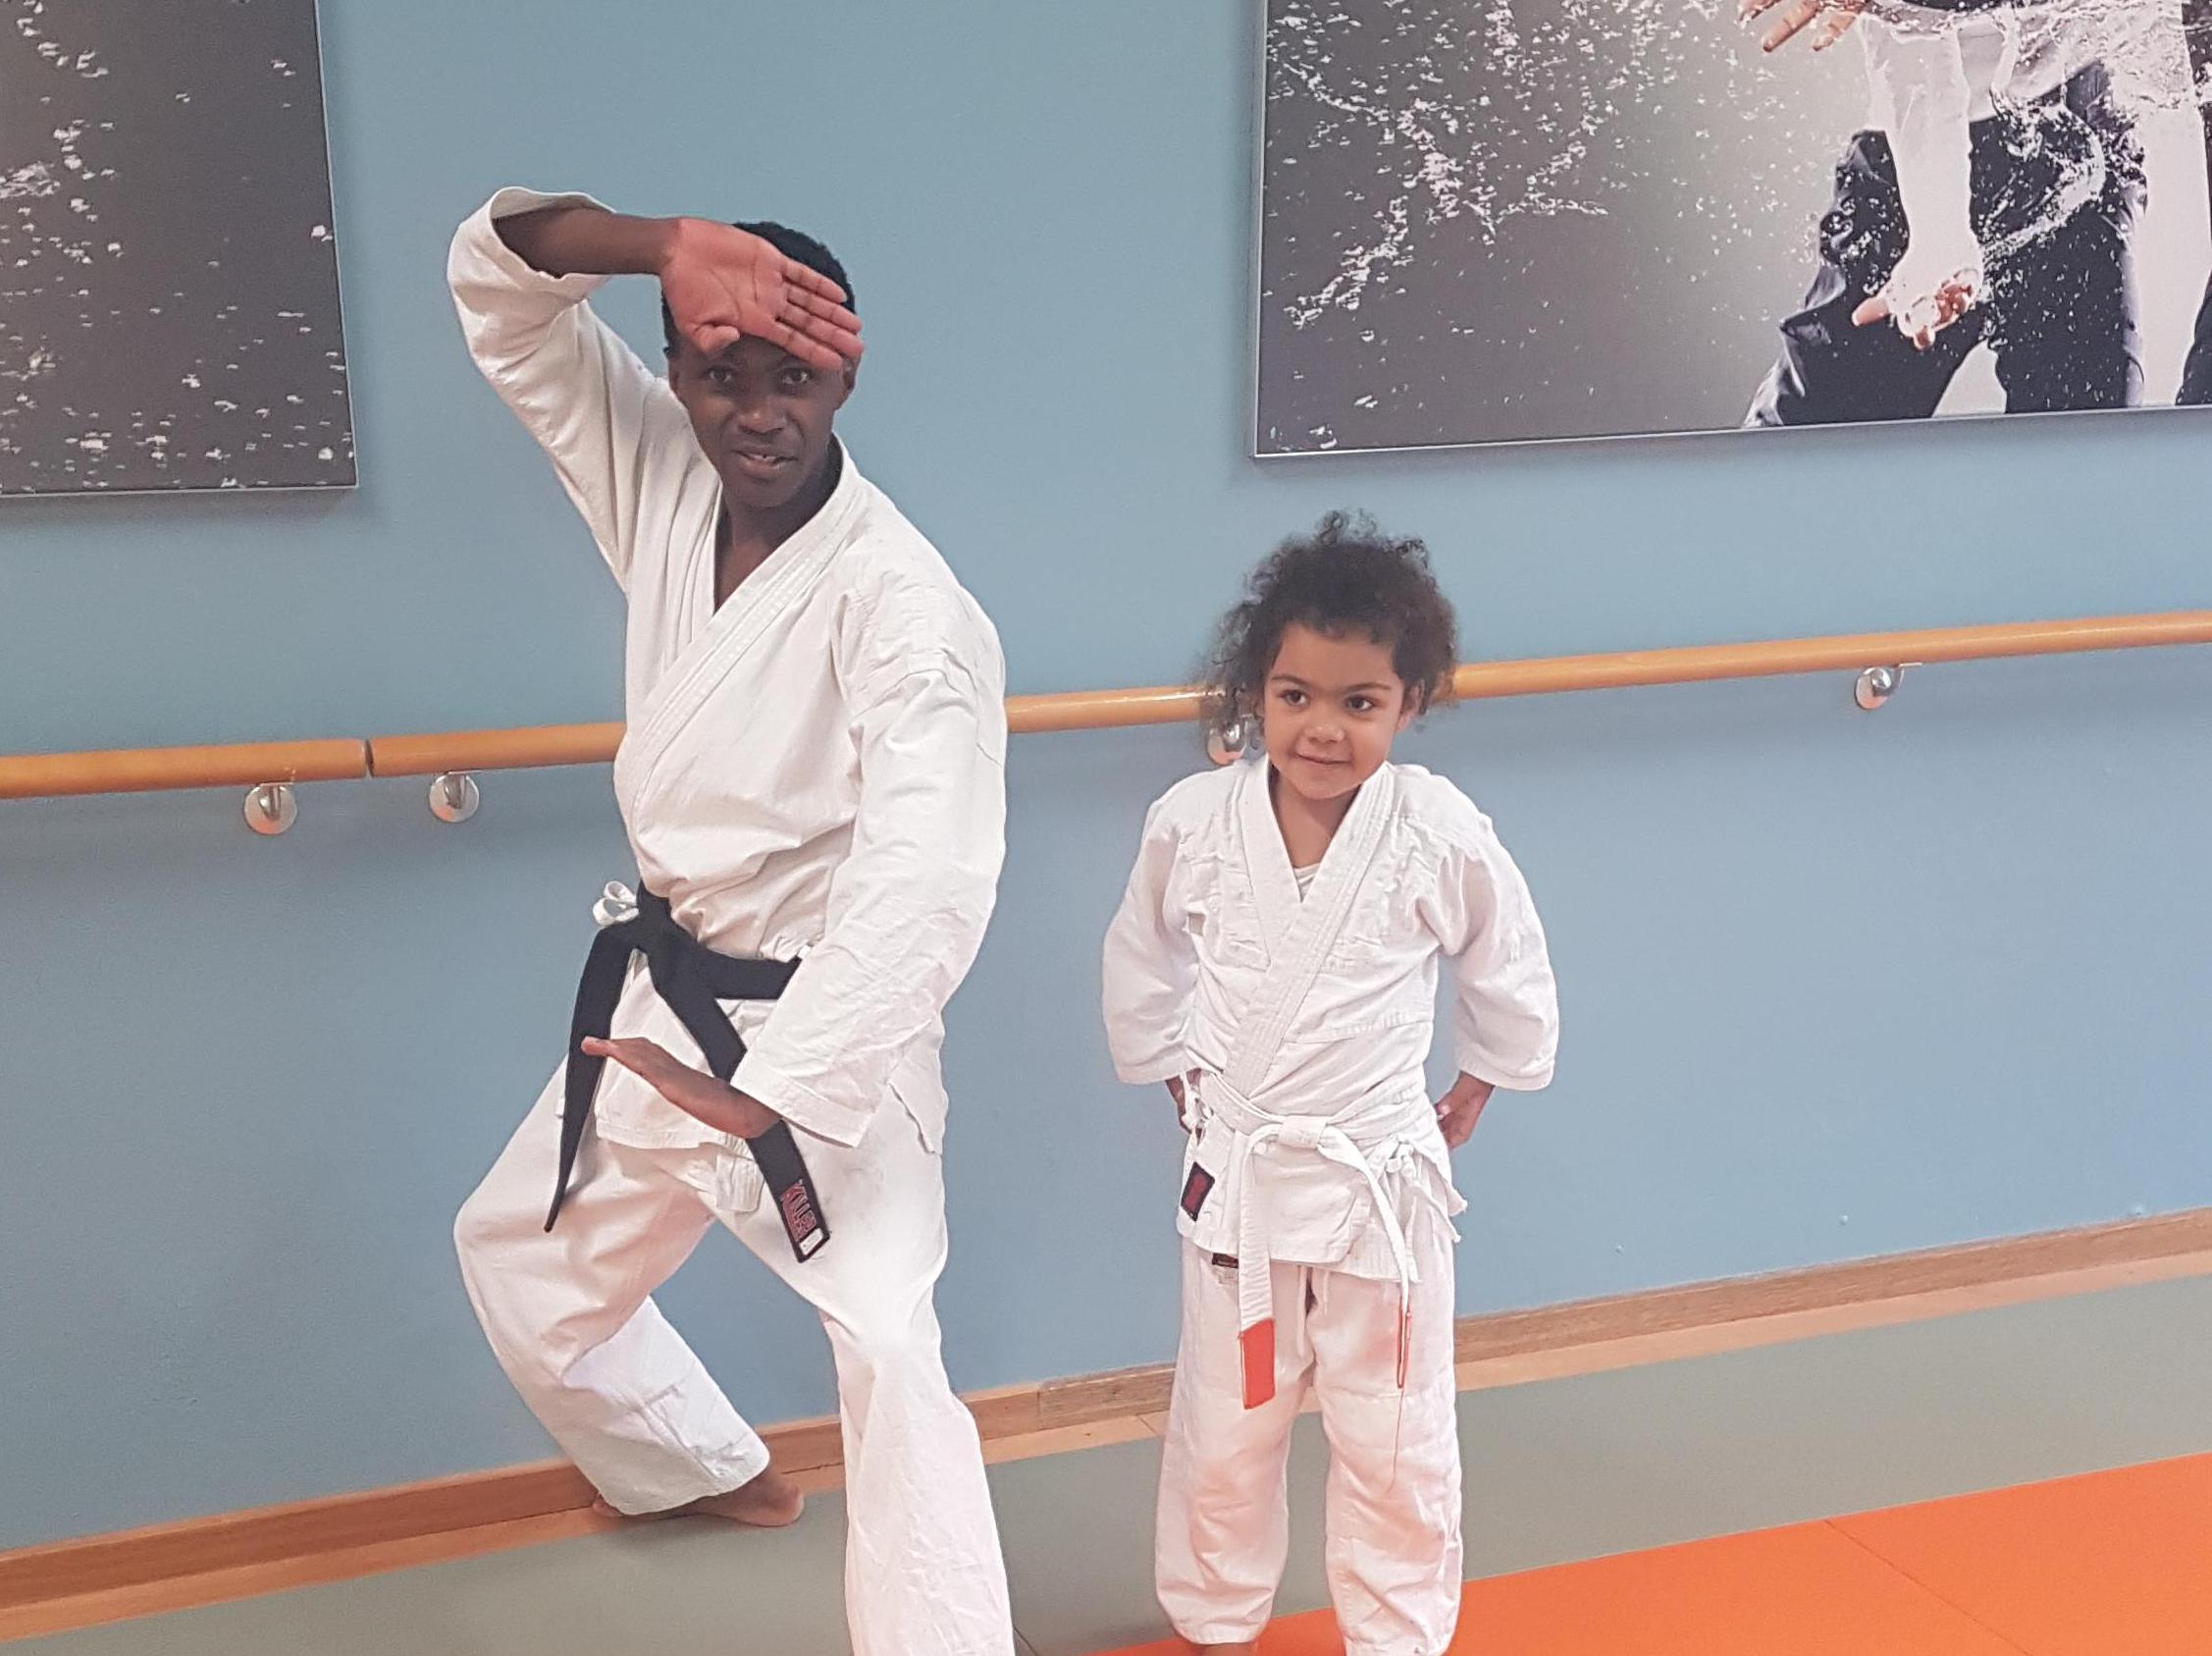 Het is een moeilijke keuze voor Uwiragiye Ambroise: hardlopen of karate? 'Ik heb in mijn jeugd in mijn geboorteland Rwanda op hoog niveau karate gedaan en doe het nu soms nog, maar ik kies voor hardlopen'